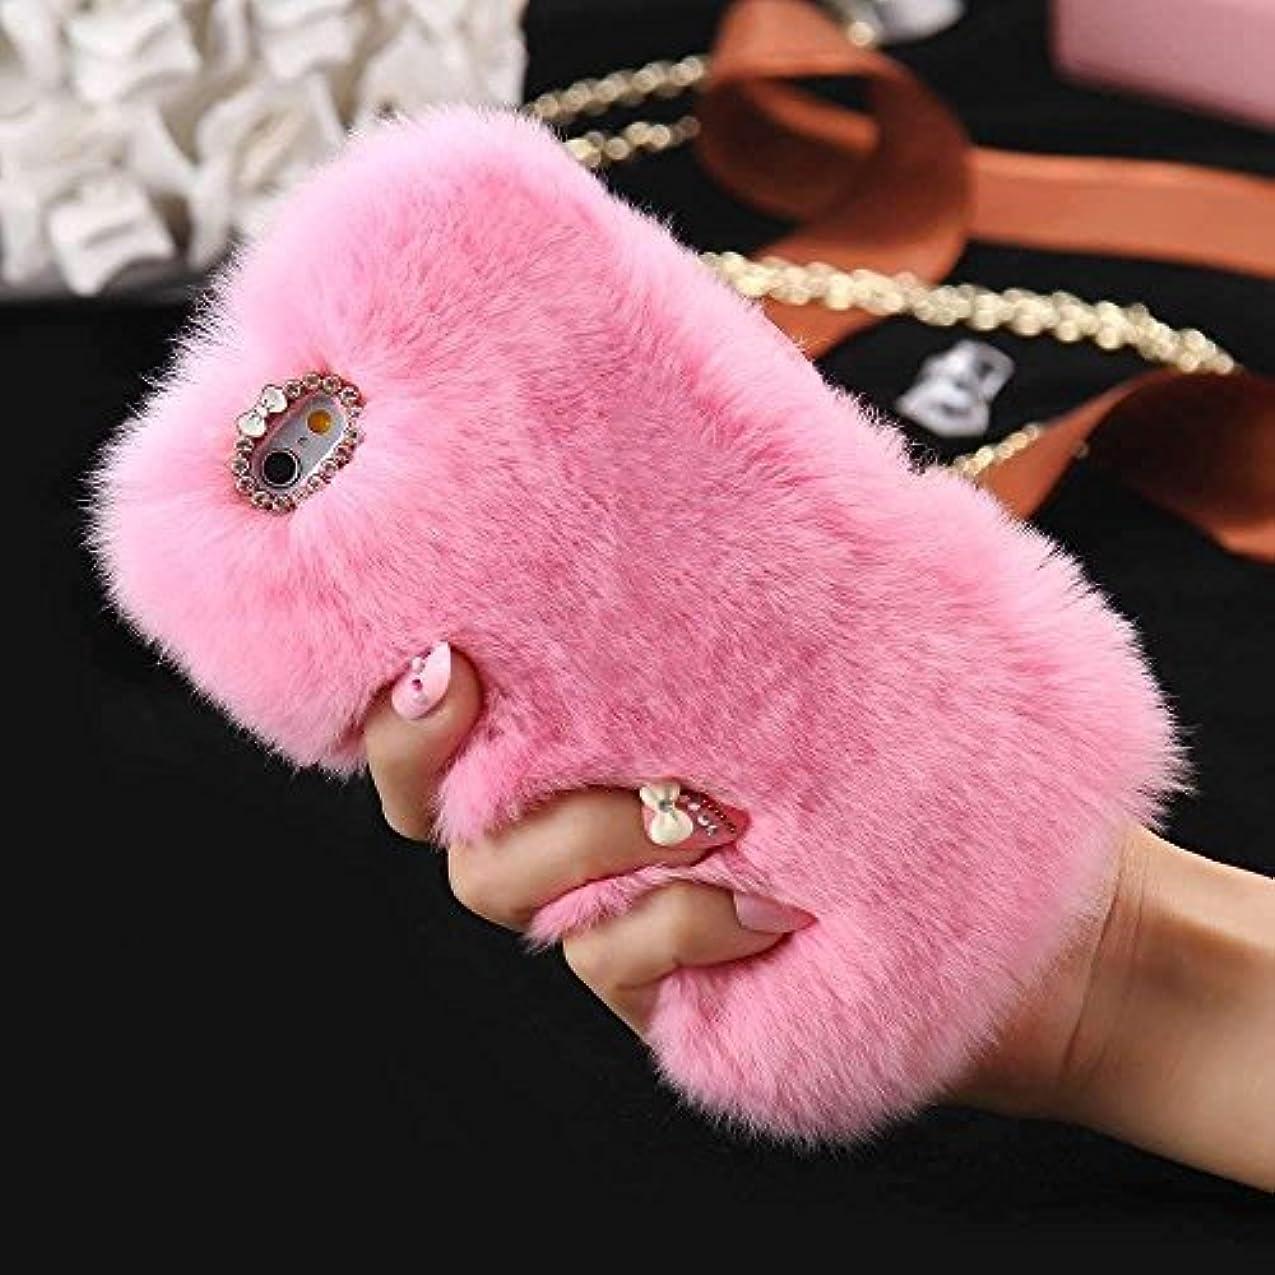 アセガイドライン見物人iPhone 7 ケース おしゃれ INorton 保護カバー 耐衝撃 軽量 薄型 女の子 かわいい 冬に最適 iPhone 7対応